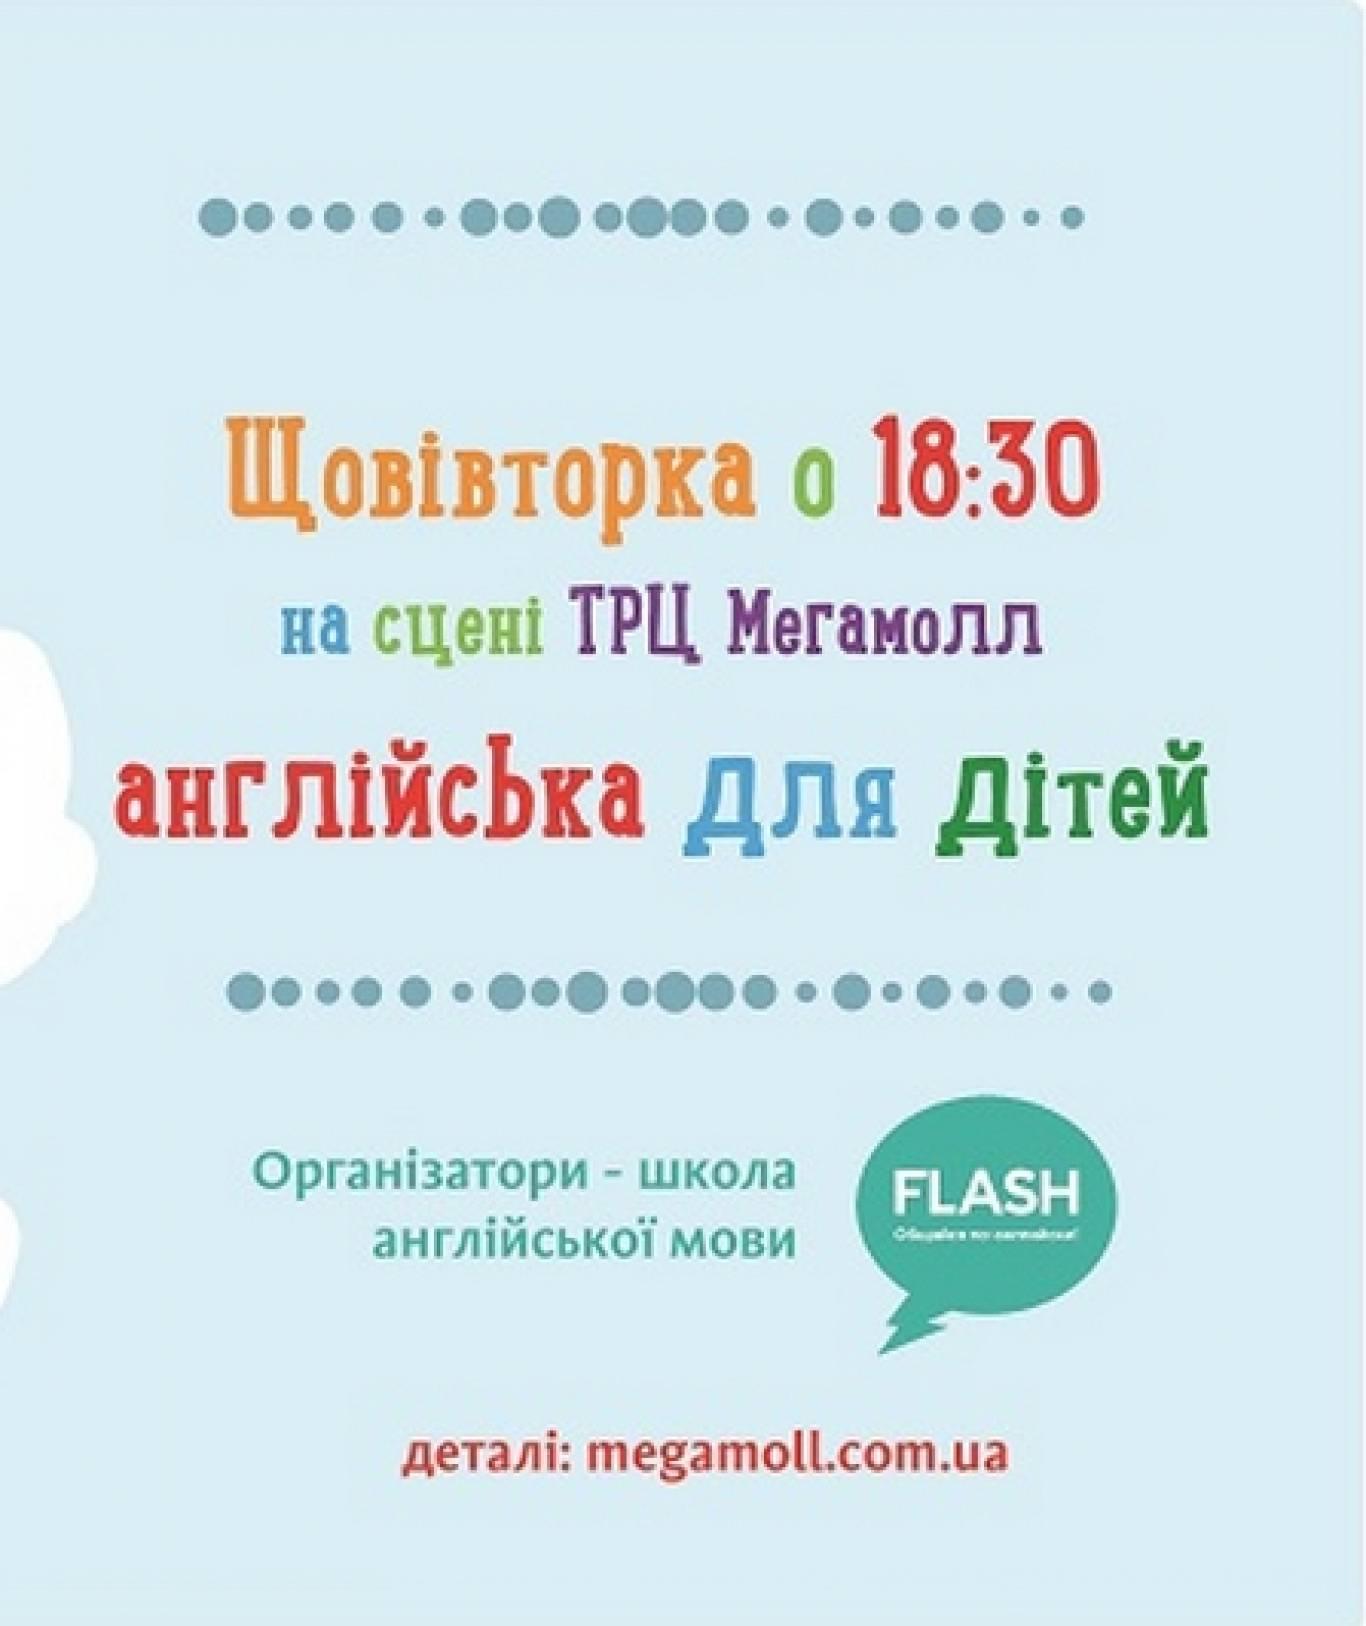 Англійська для дітей з FLASH!